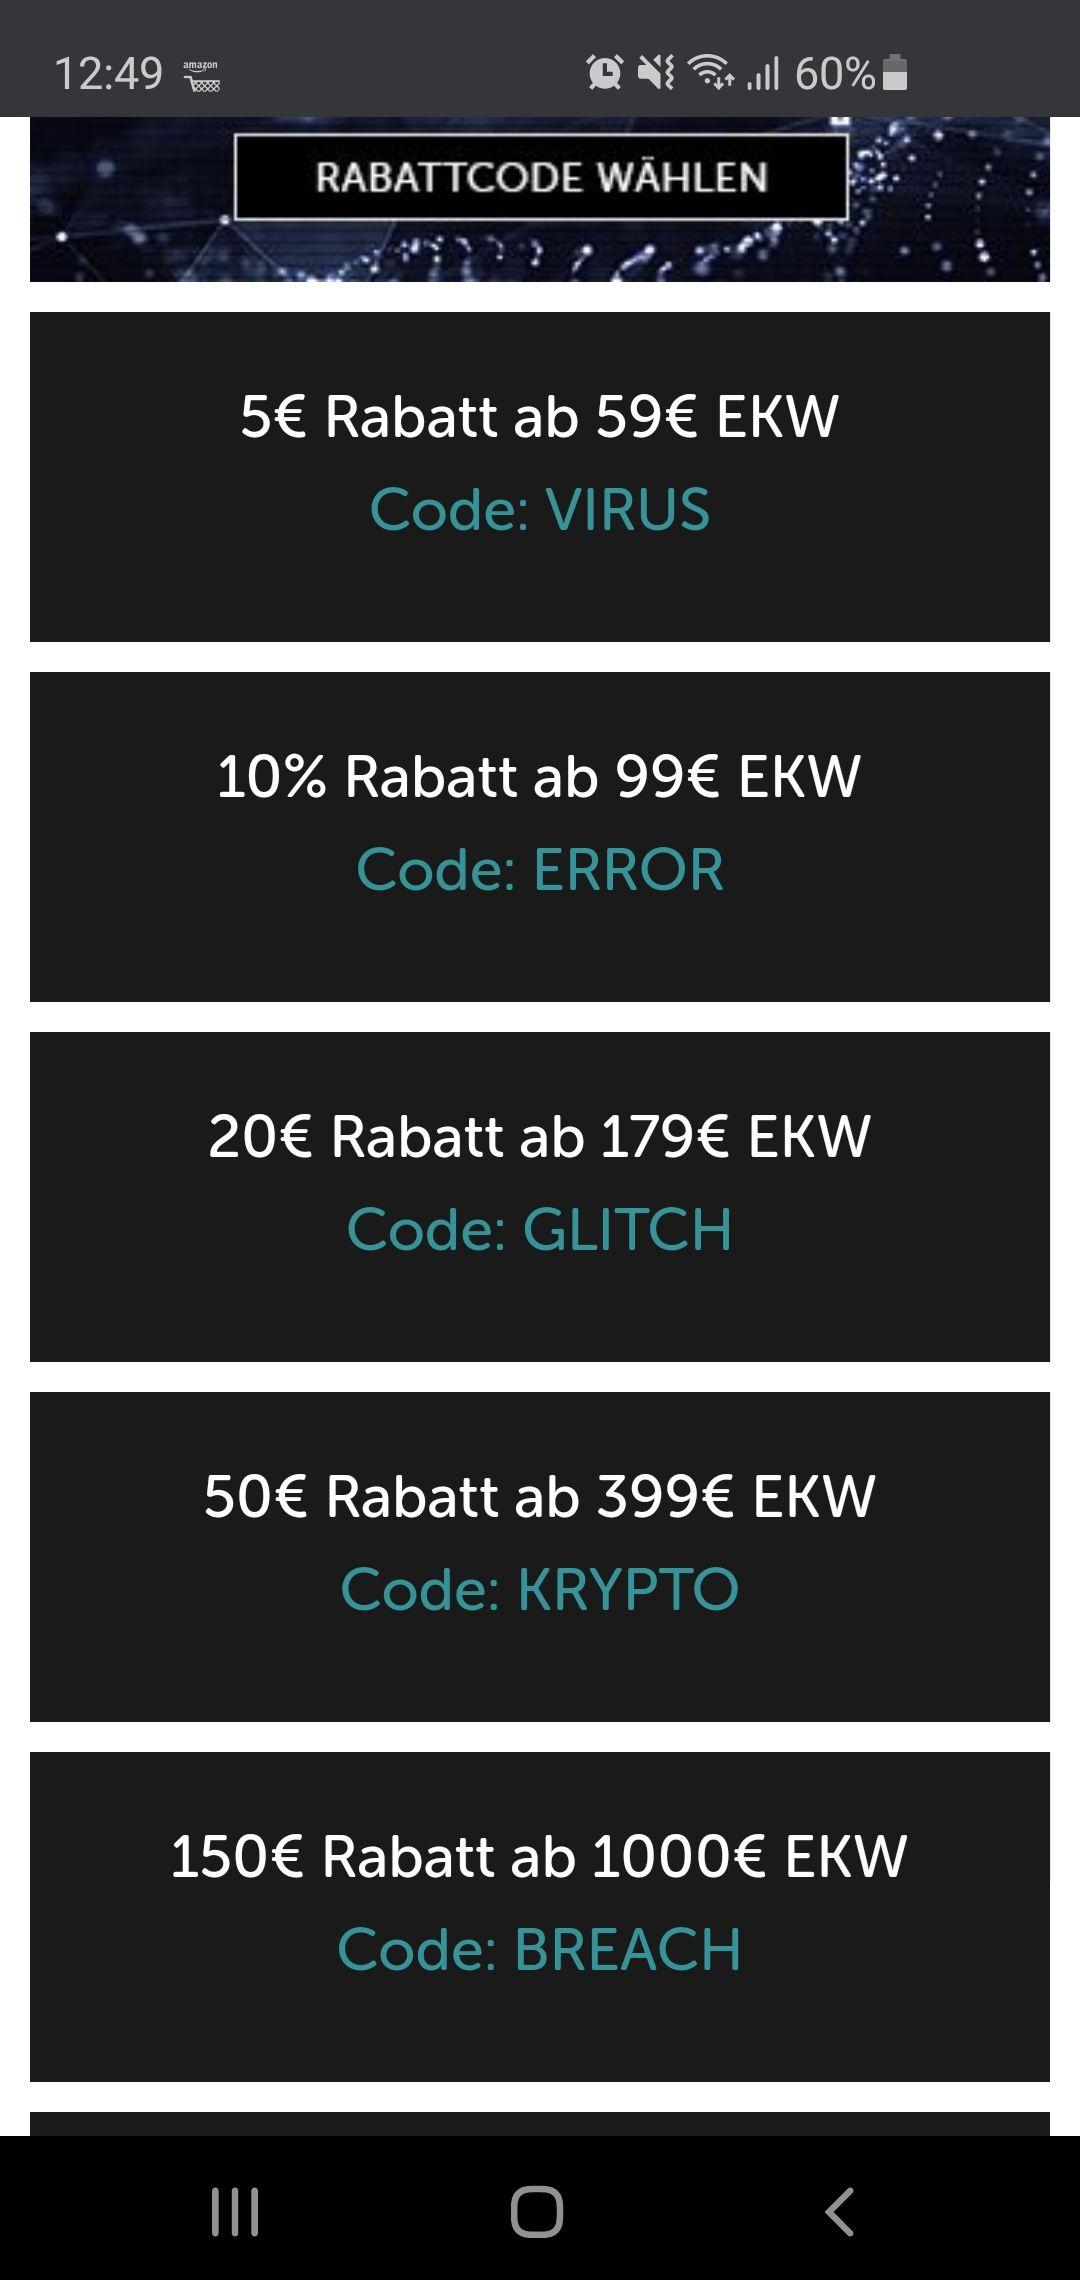 Fuerst Autoteile Cyber Weekend Rabattcode 10-15% auf alles!